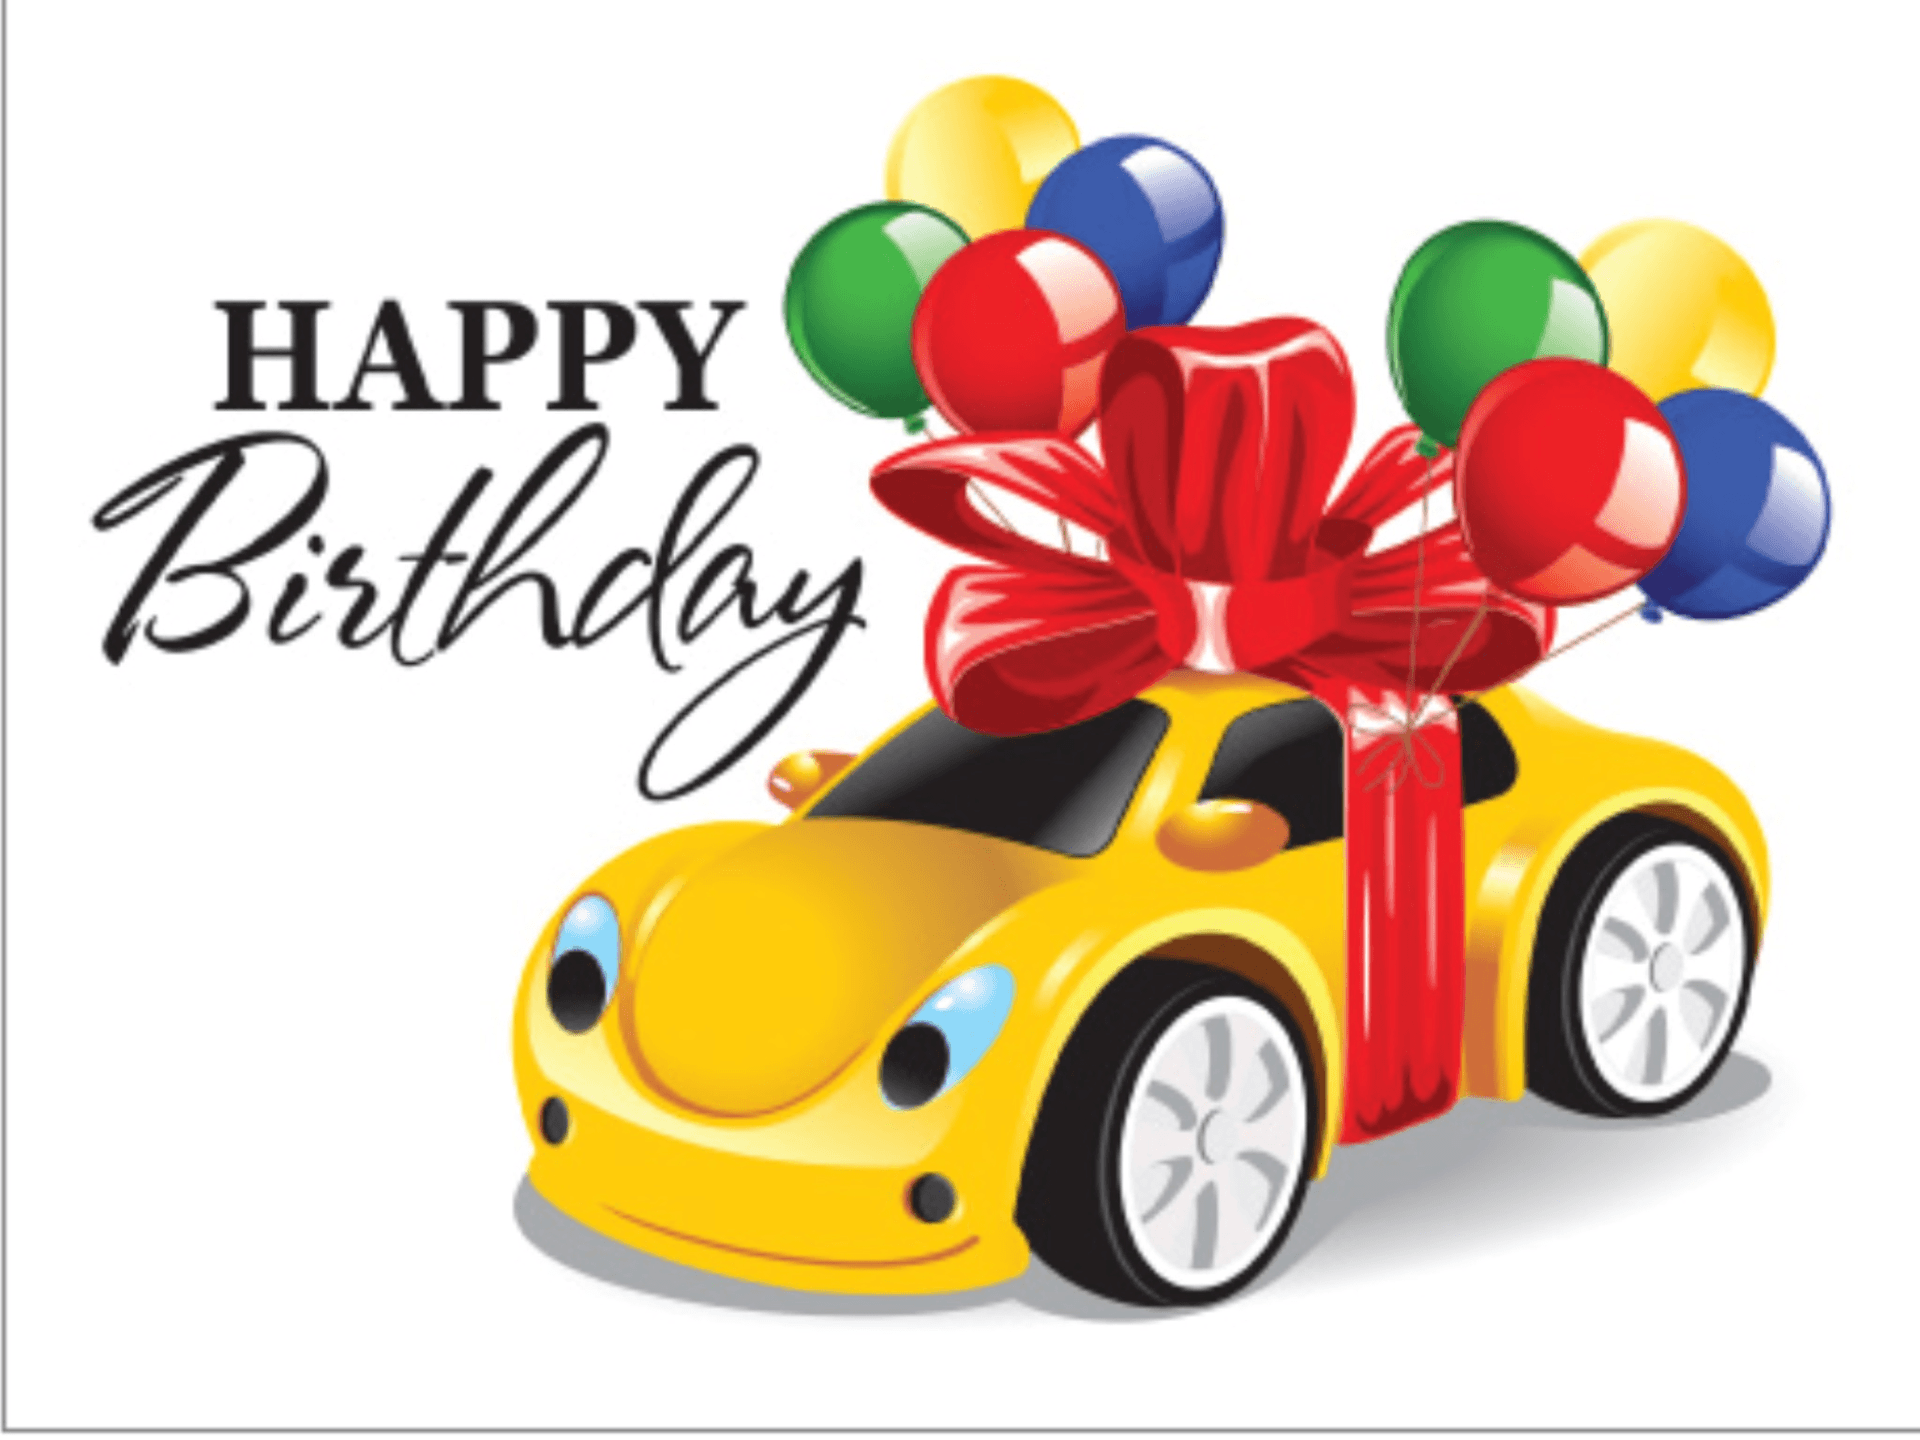 Поздравление с покупкой машины - Поздравок 2